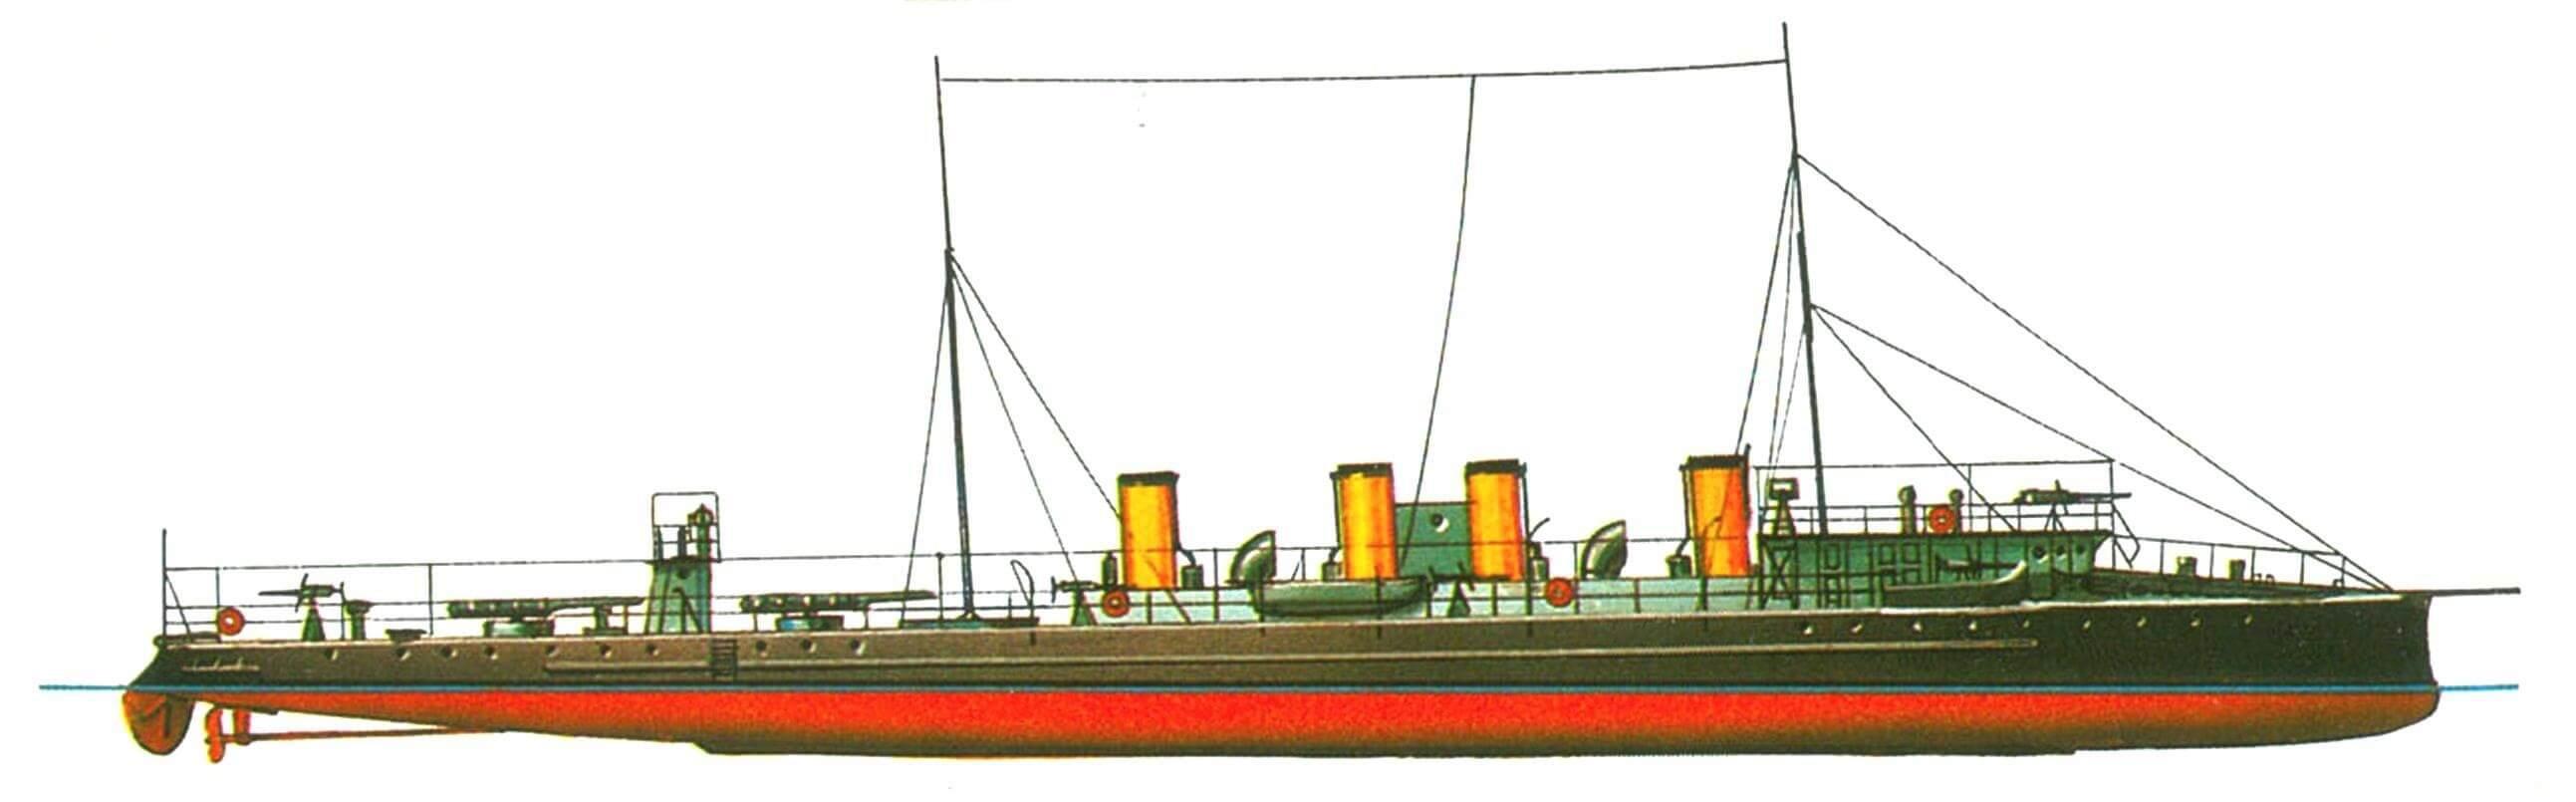 132. Эскадренный миноносец «Грозный», Россия, 1904 г.